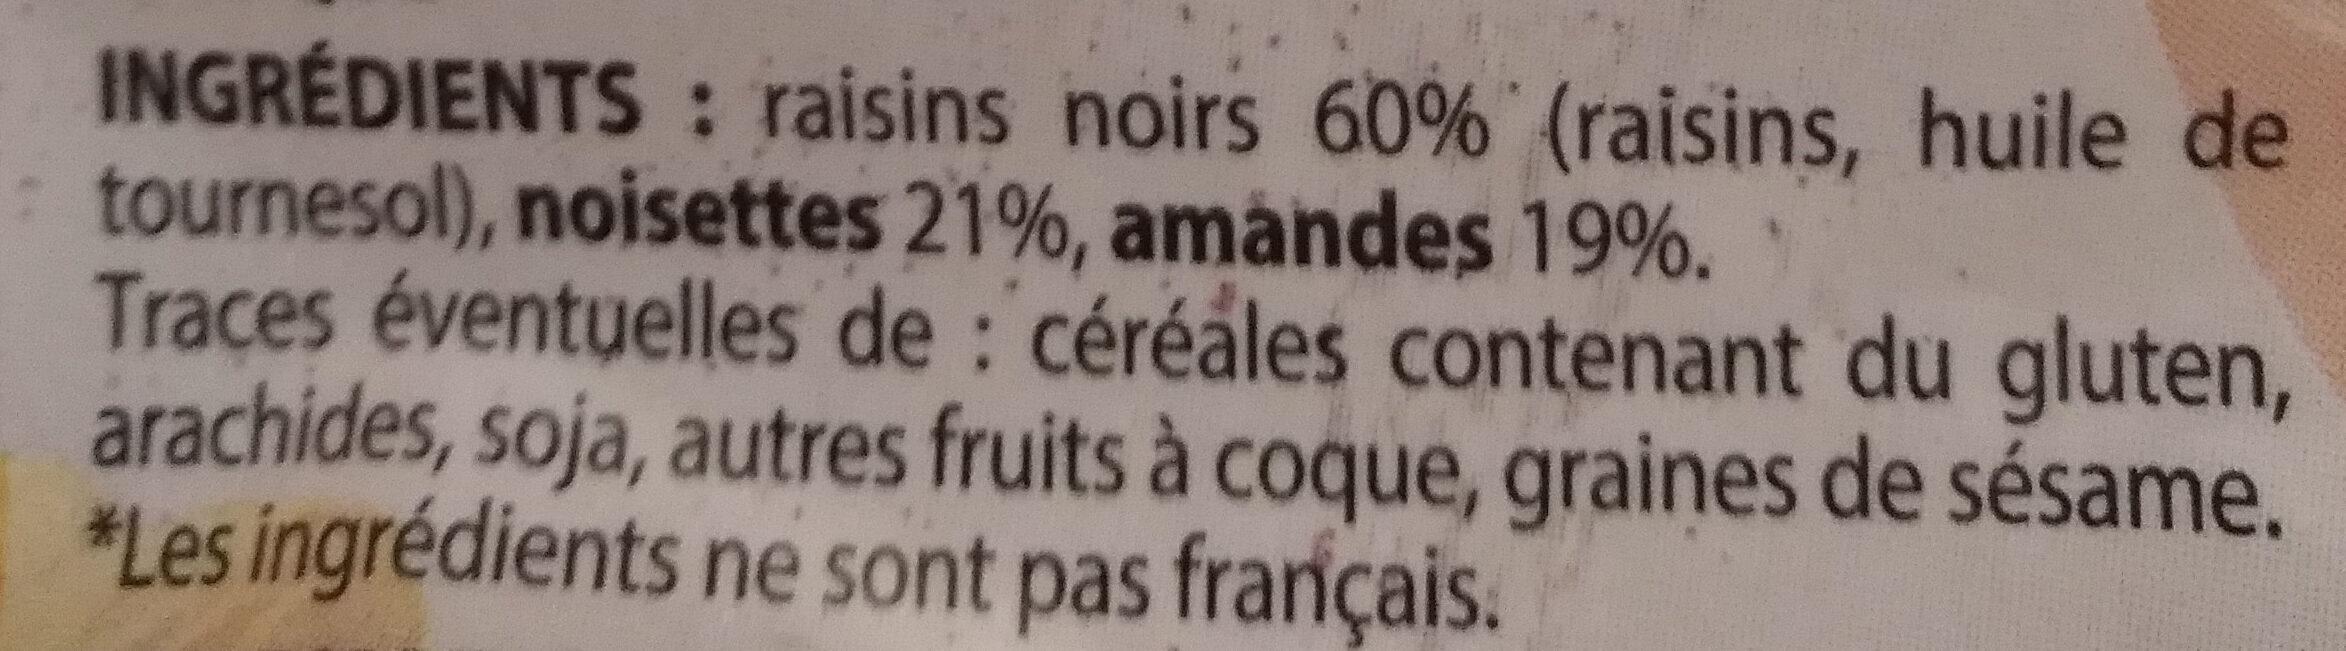 Mélange croquant - Ingrédients - fr